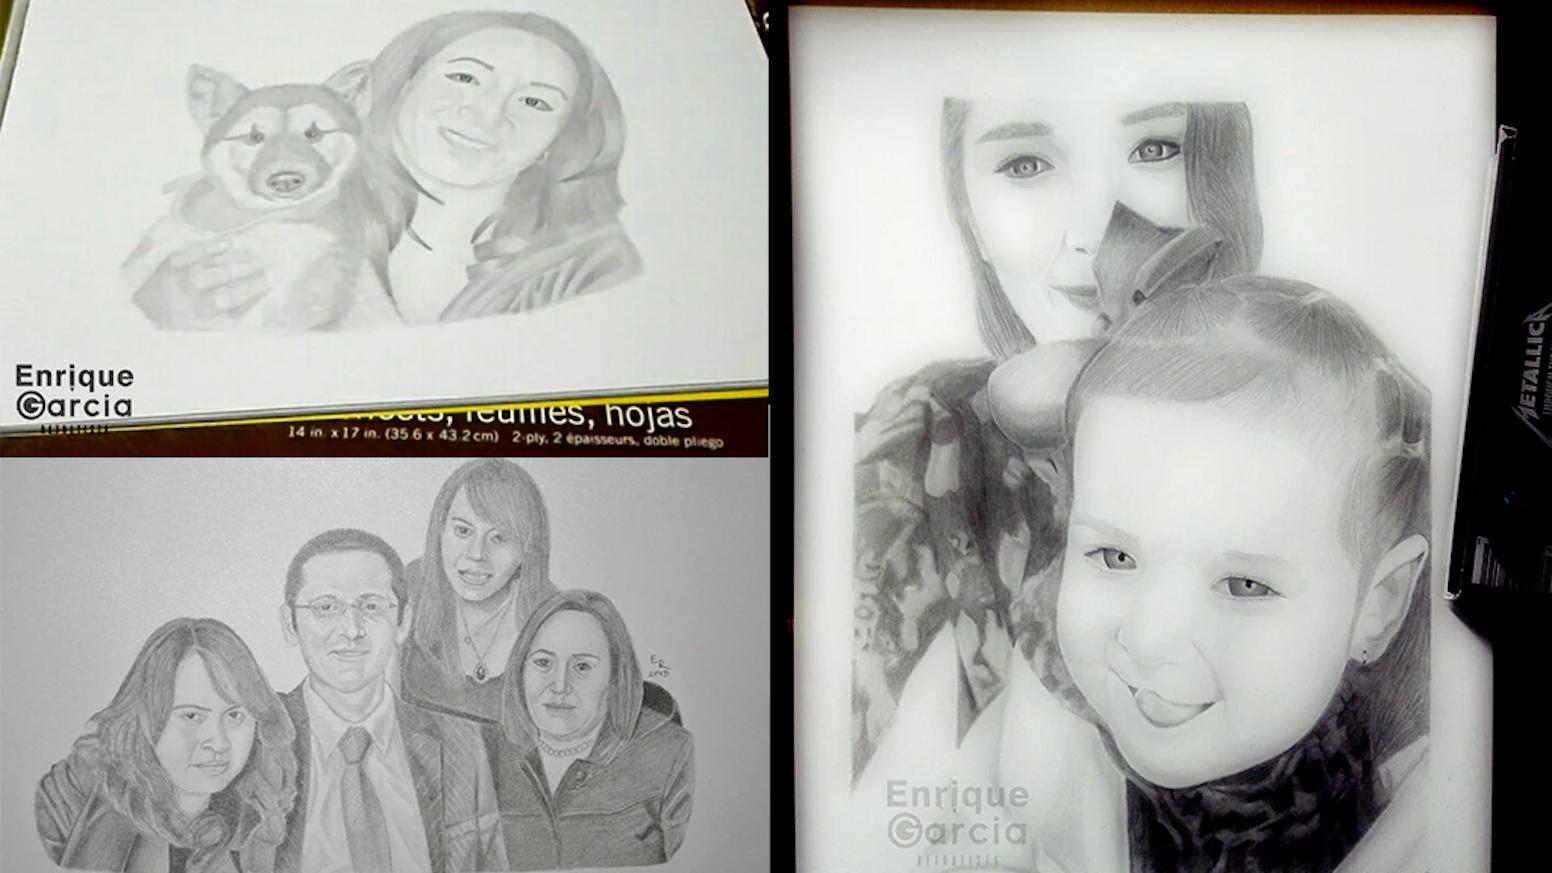 Portraits by enrique g pencil drawing commission